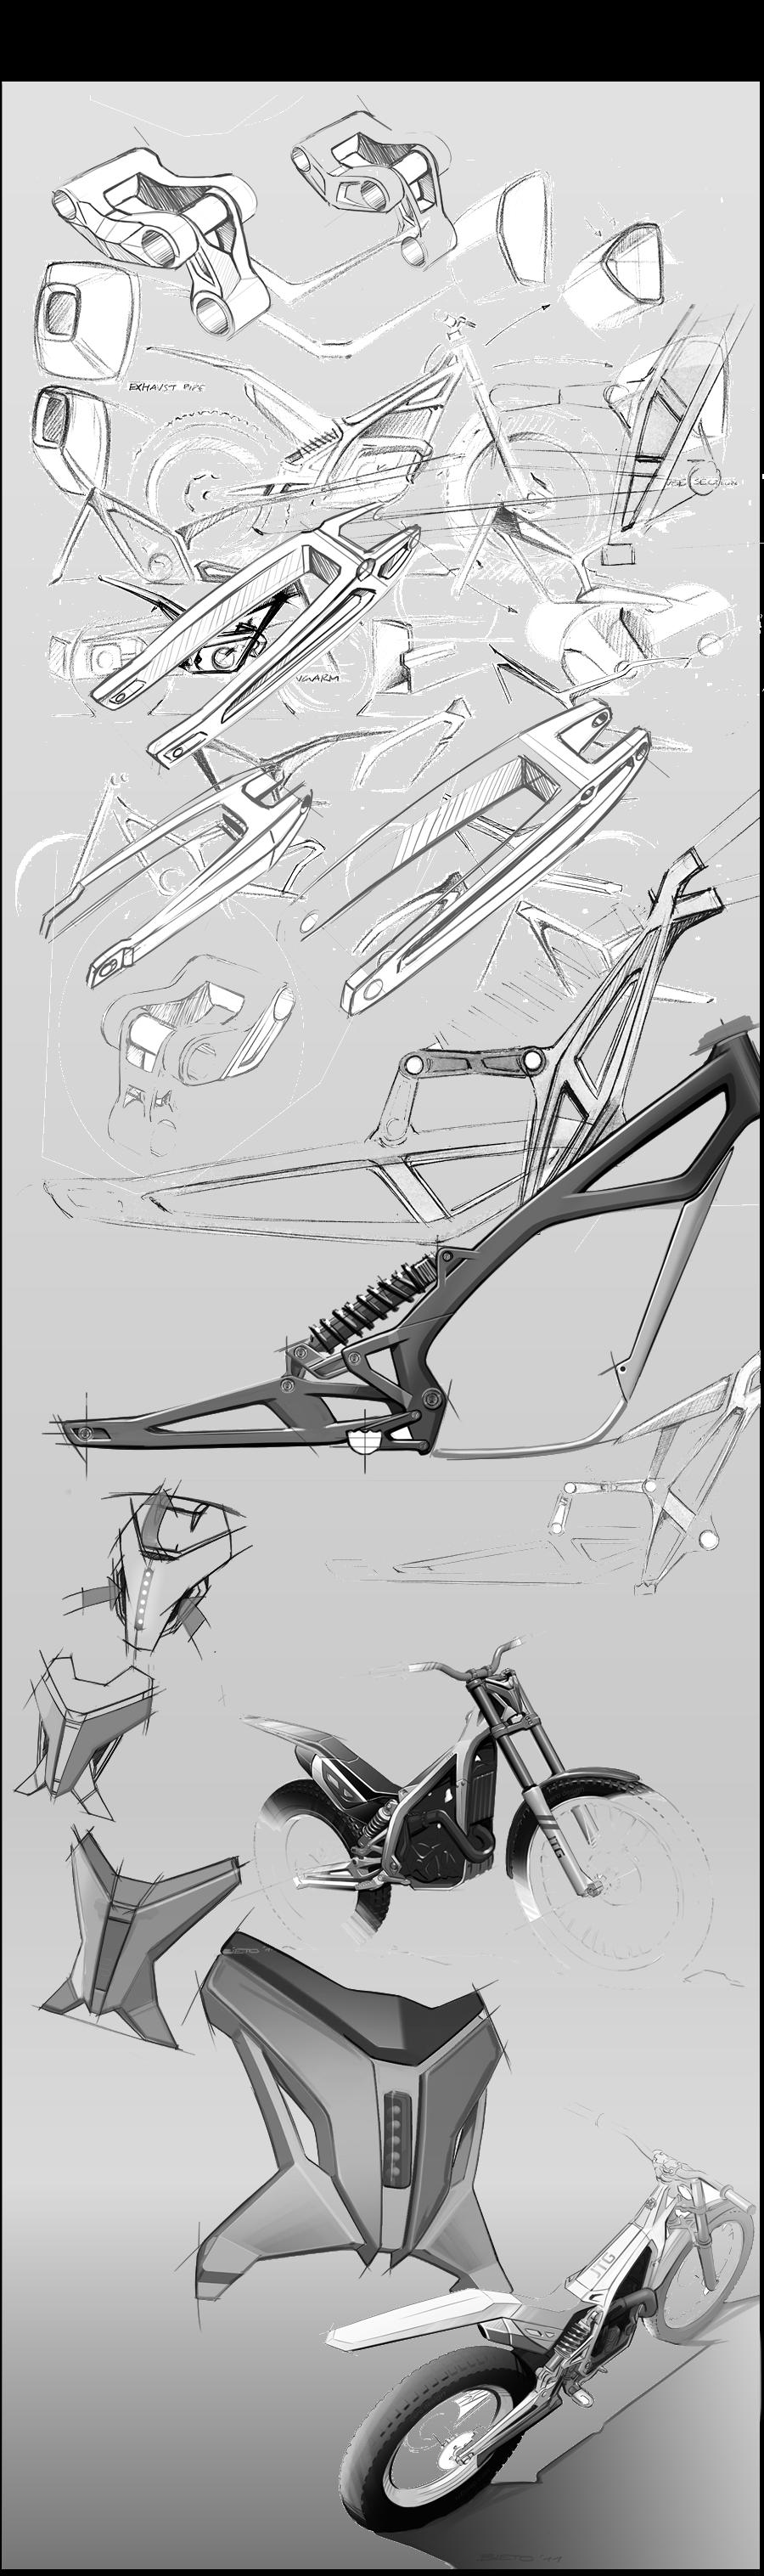 Jtg Jt 300 On Behance Design Sketch Sketch Design Bike Sketch